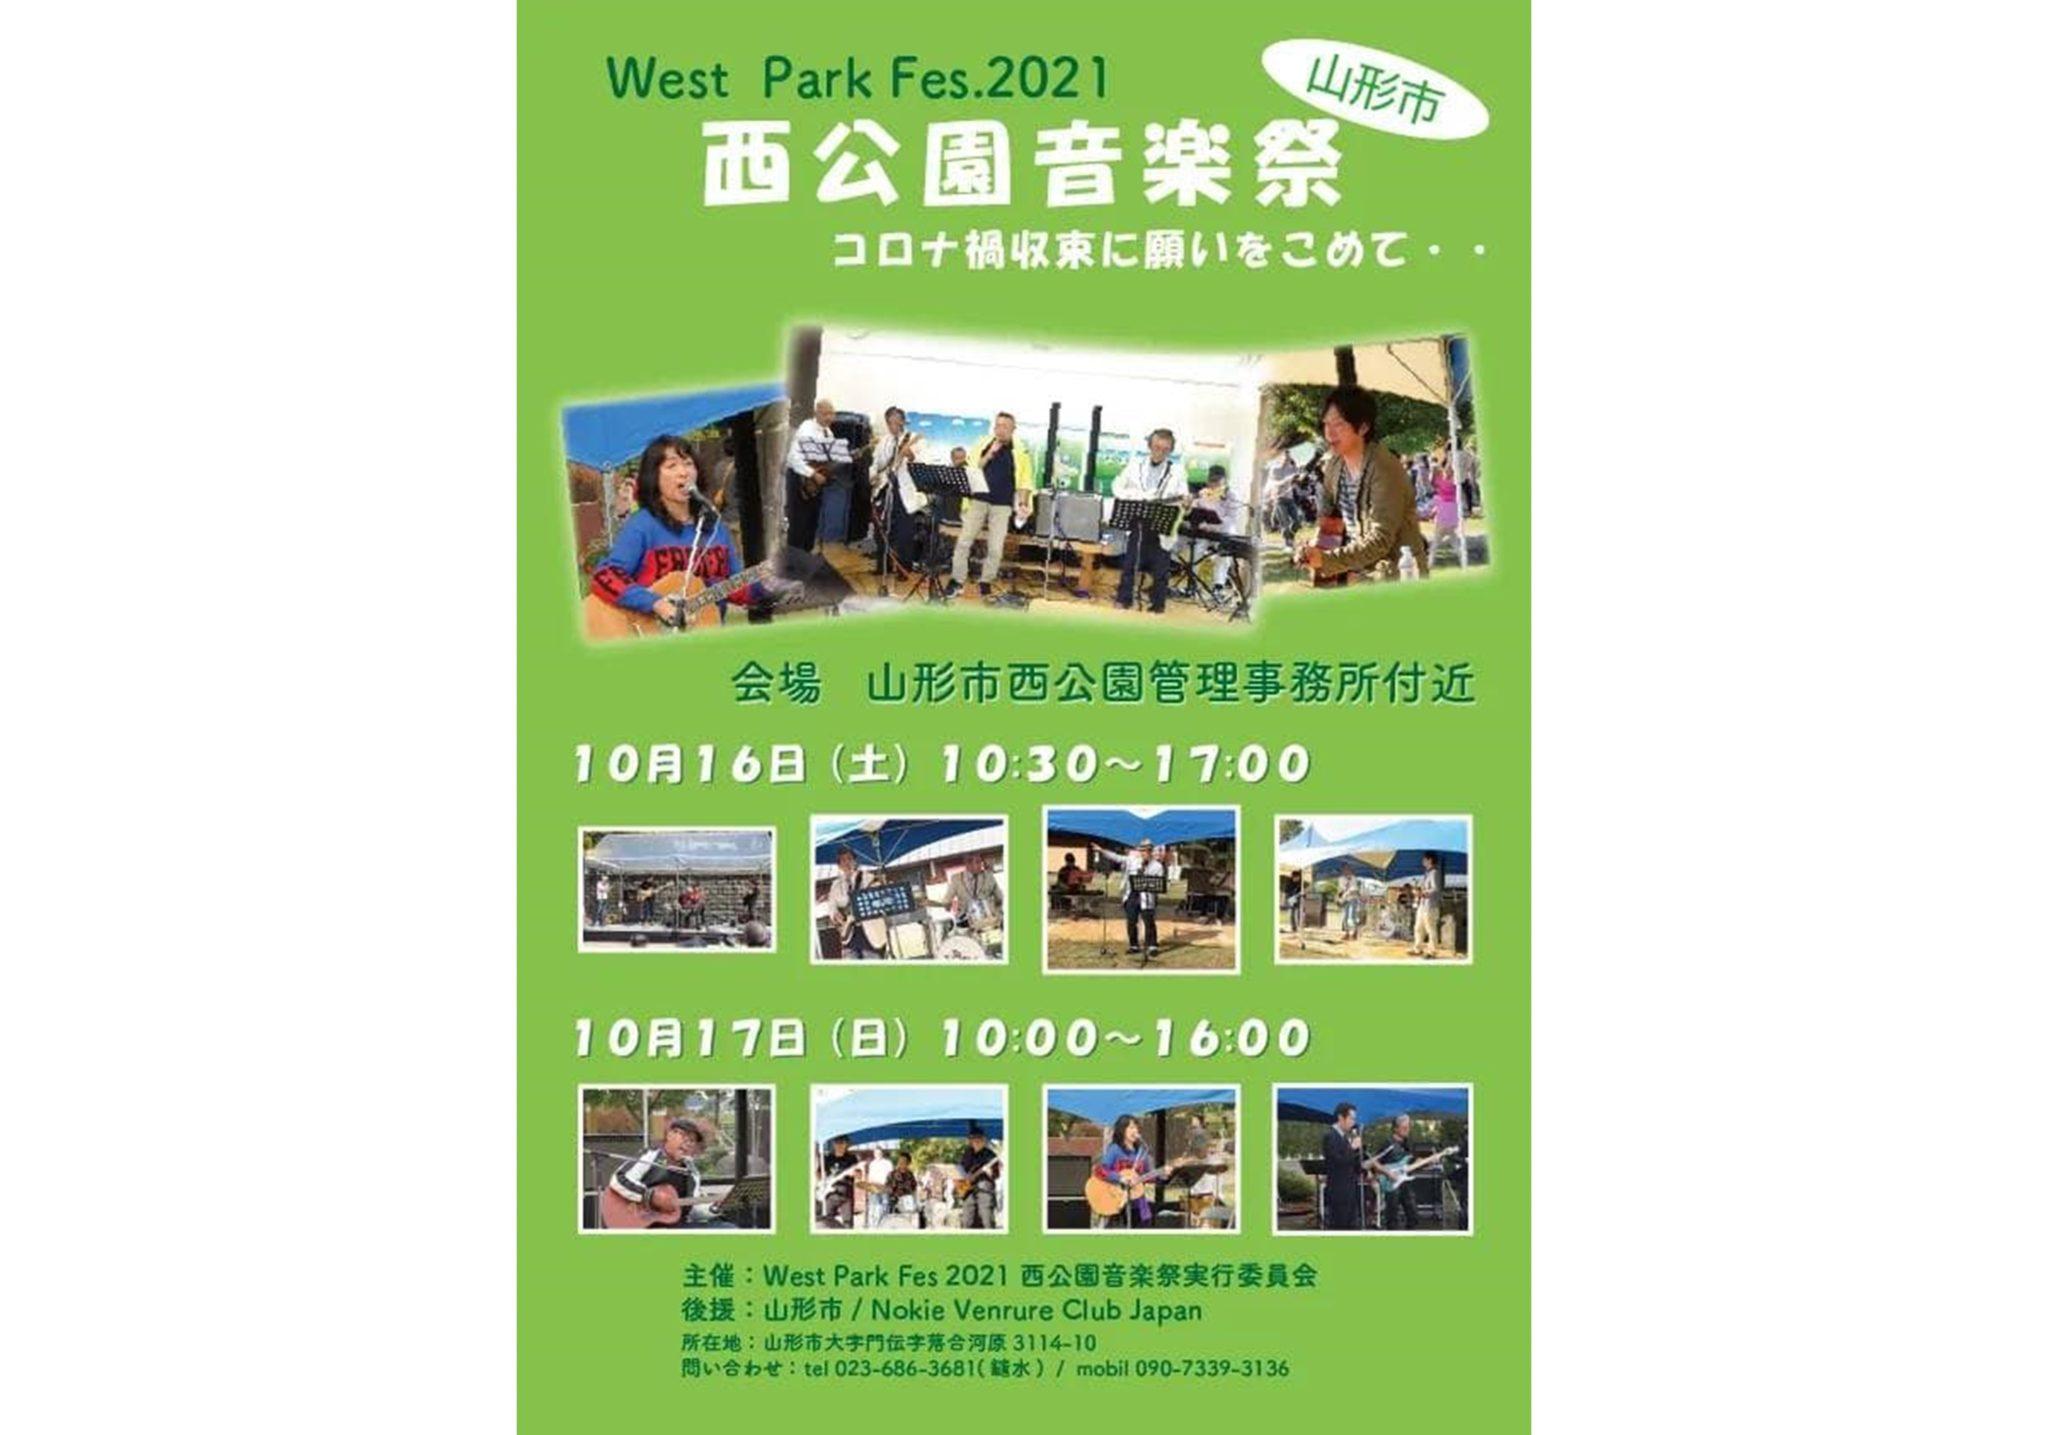 西公園音楽祭 2021 (山形市)